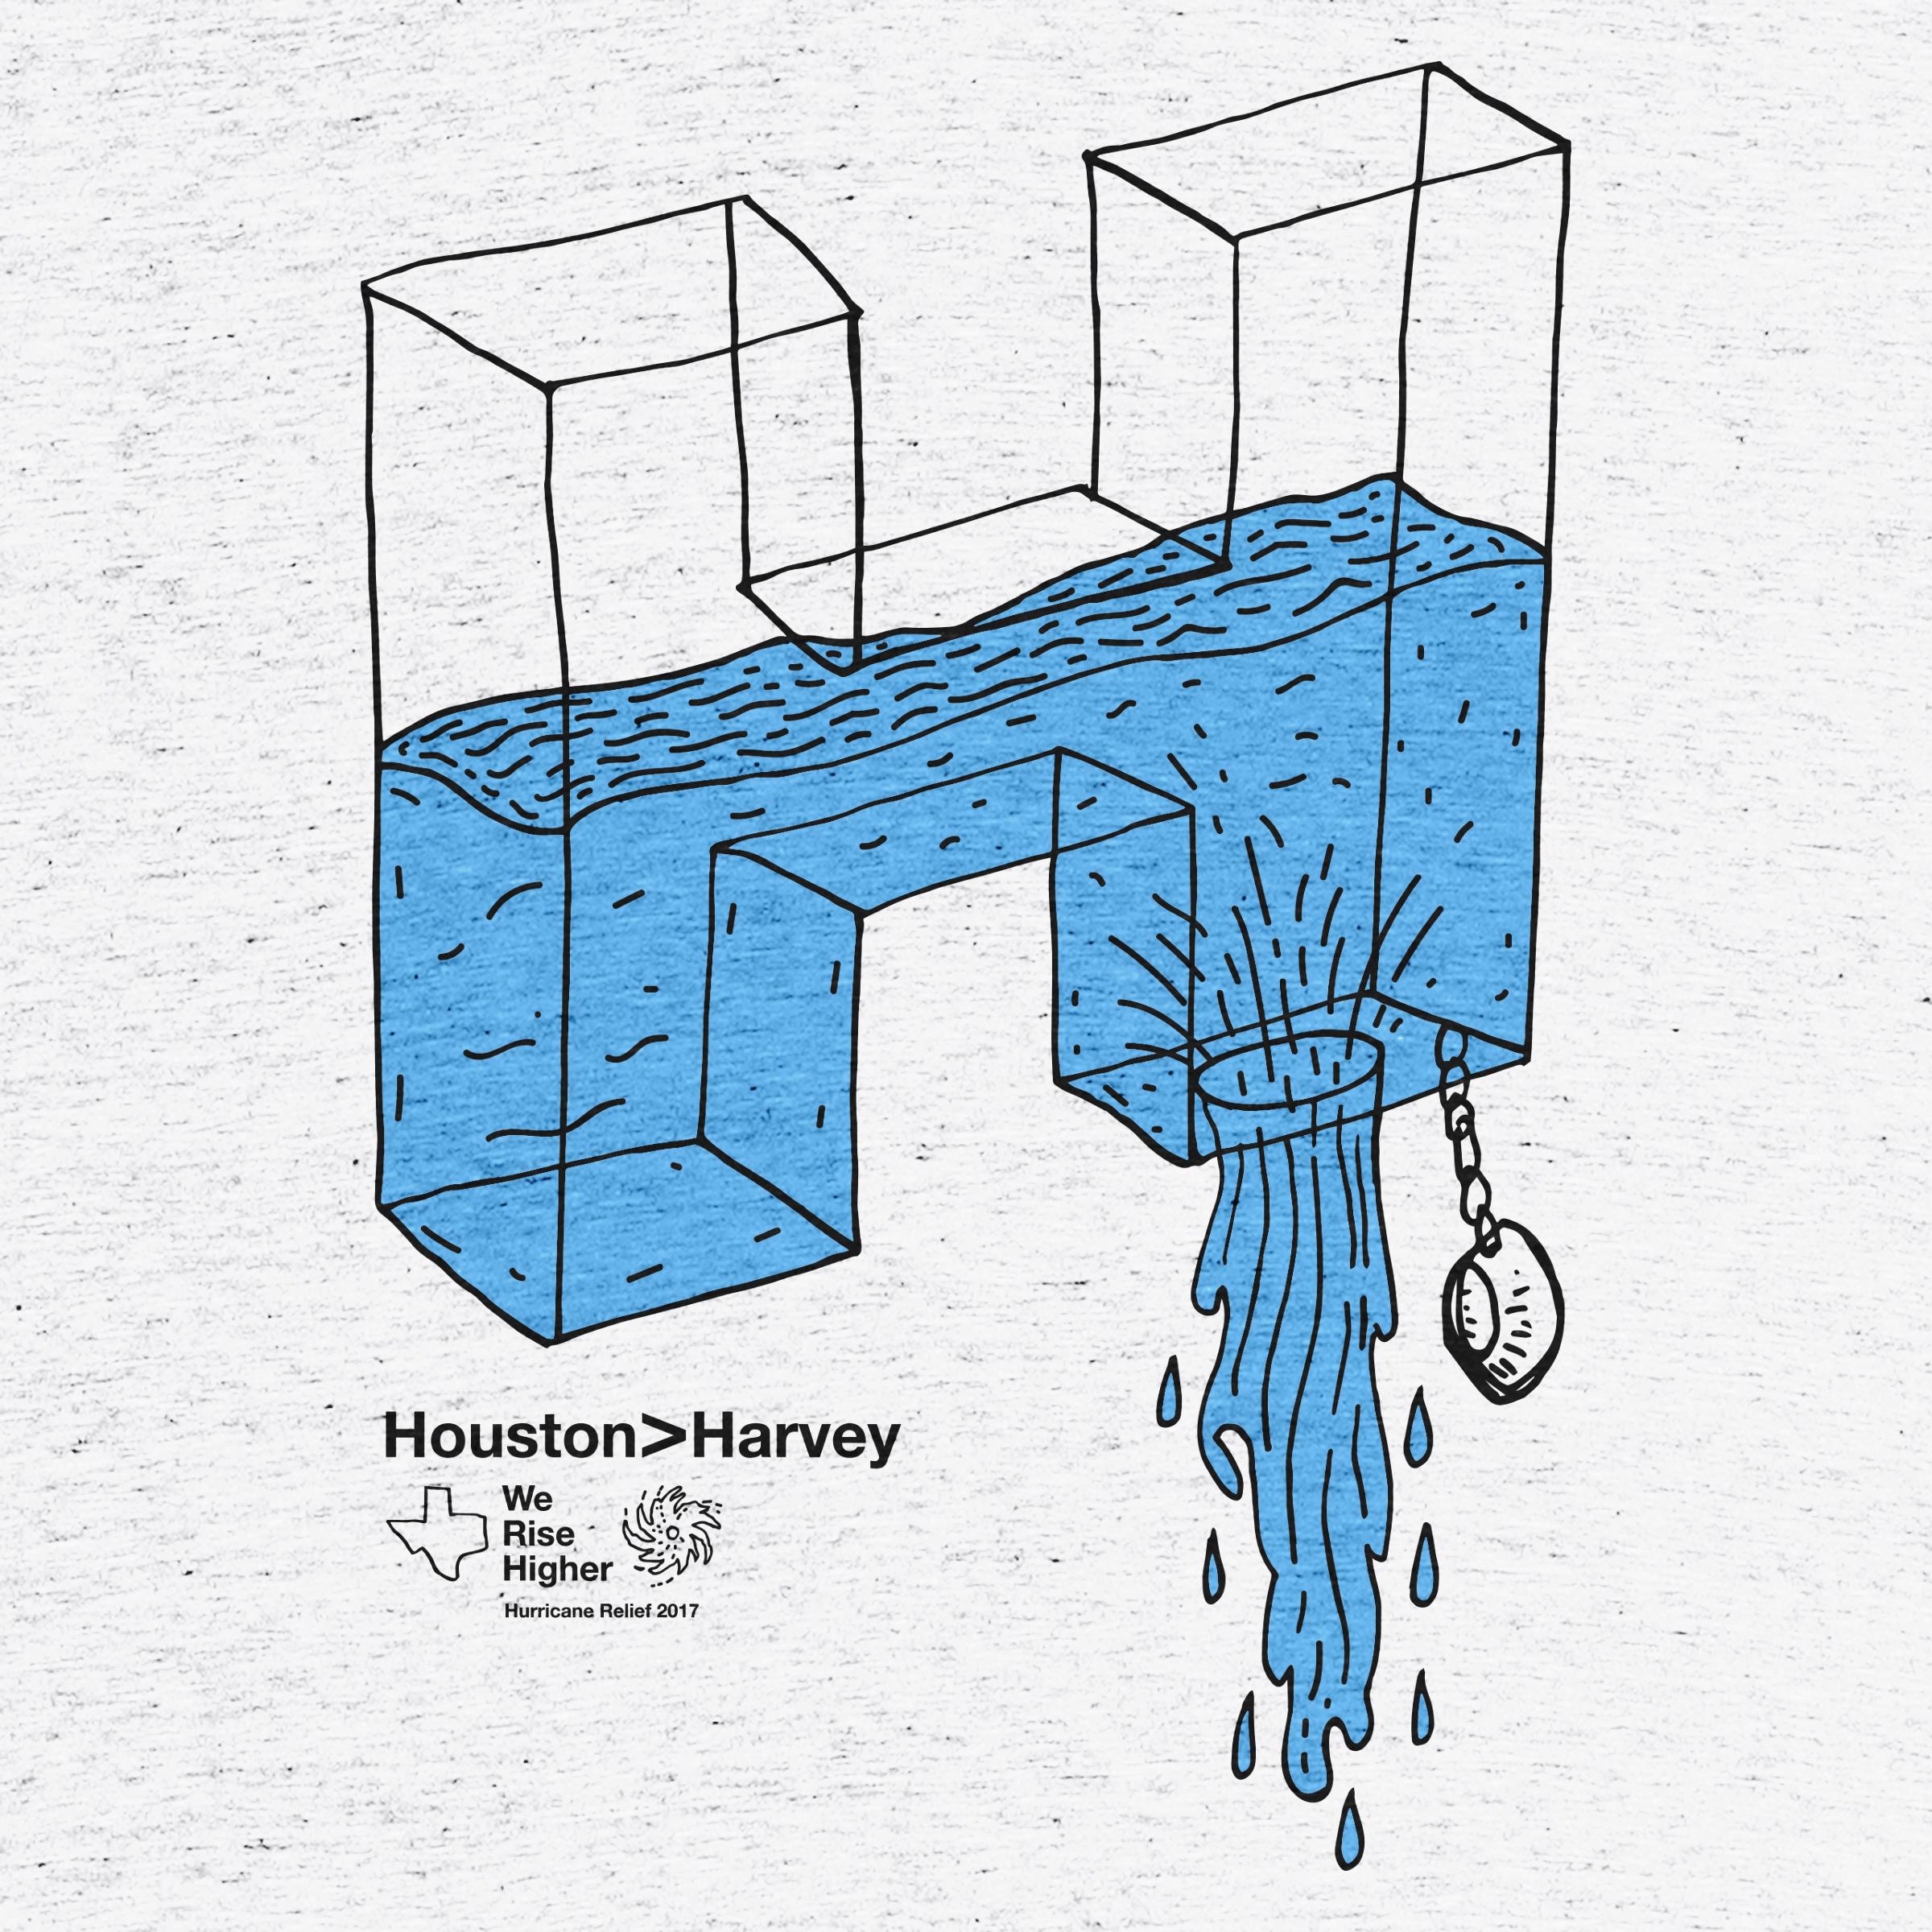 Houston>Harvey - Houston Flood Relief Detail